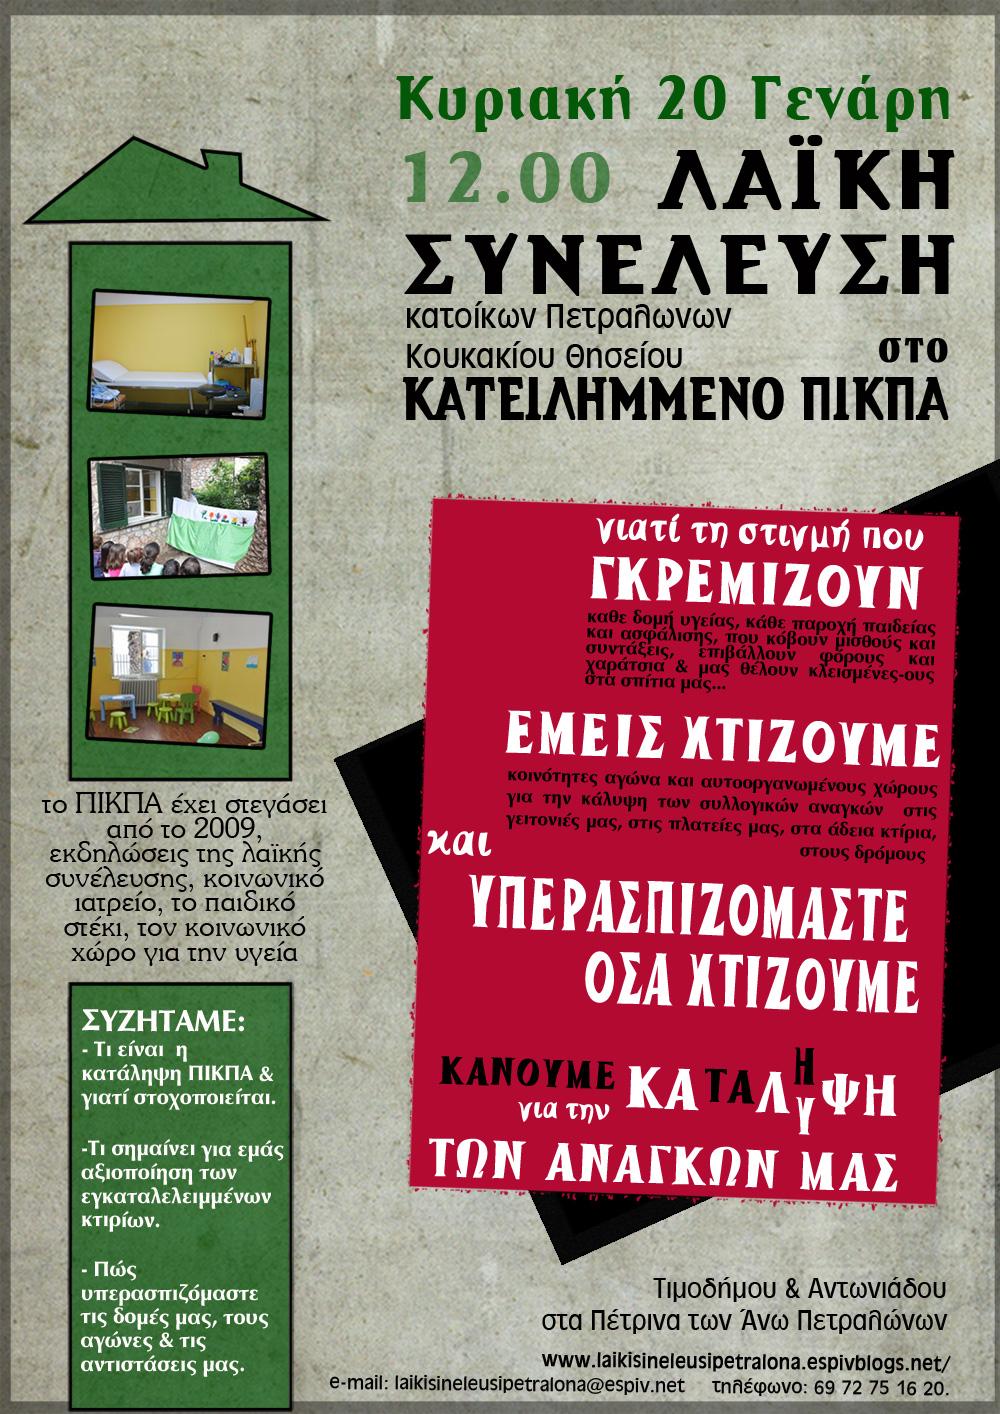 αφισα-λαικης-συνελευσης-20-1-web